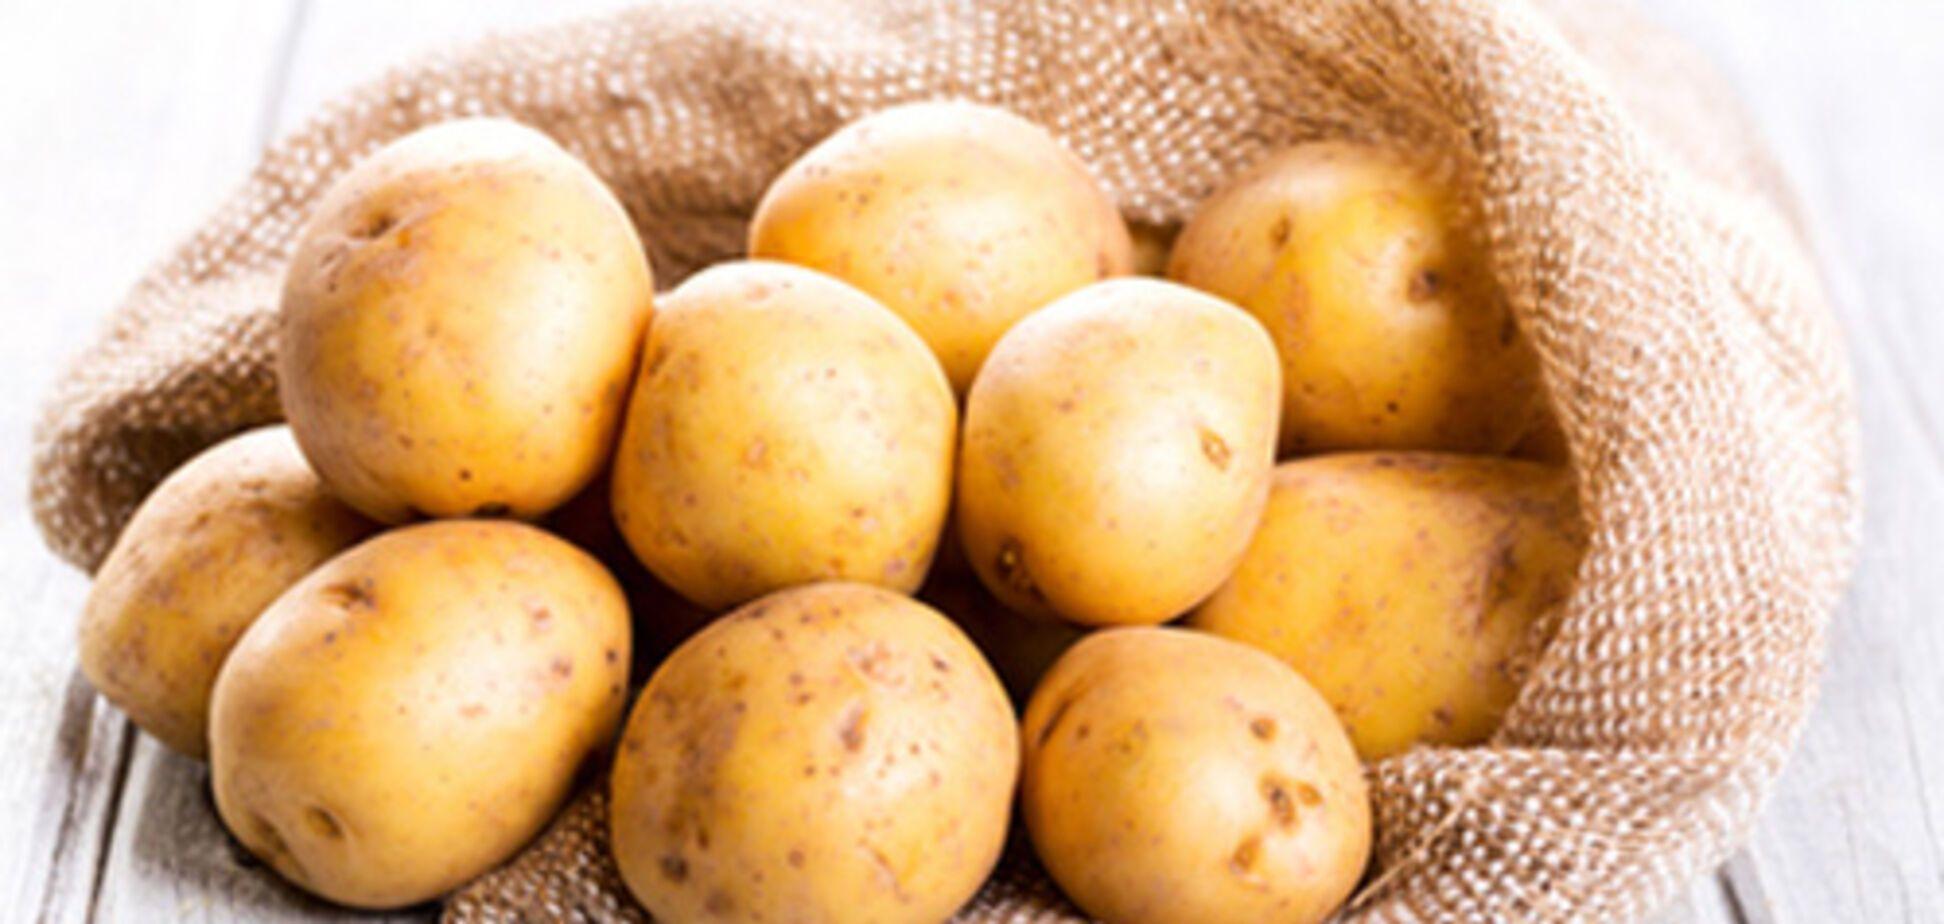 Вспыхнул скандал из-за картошки для бойцов АТО